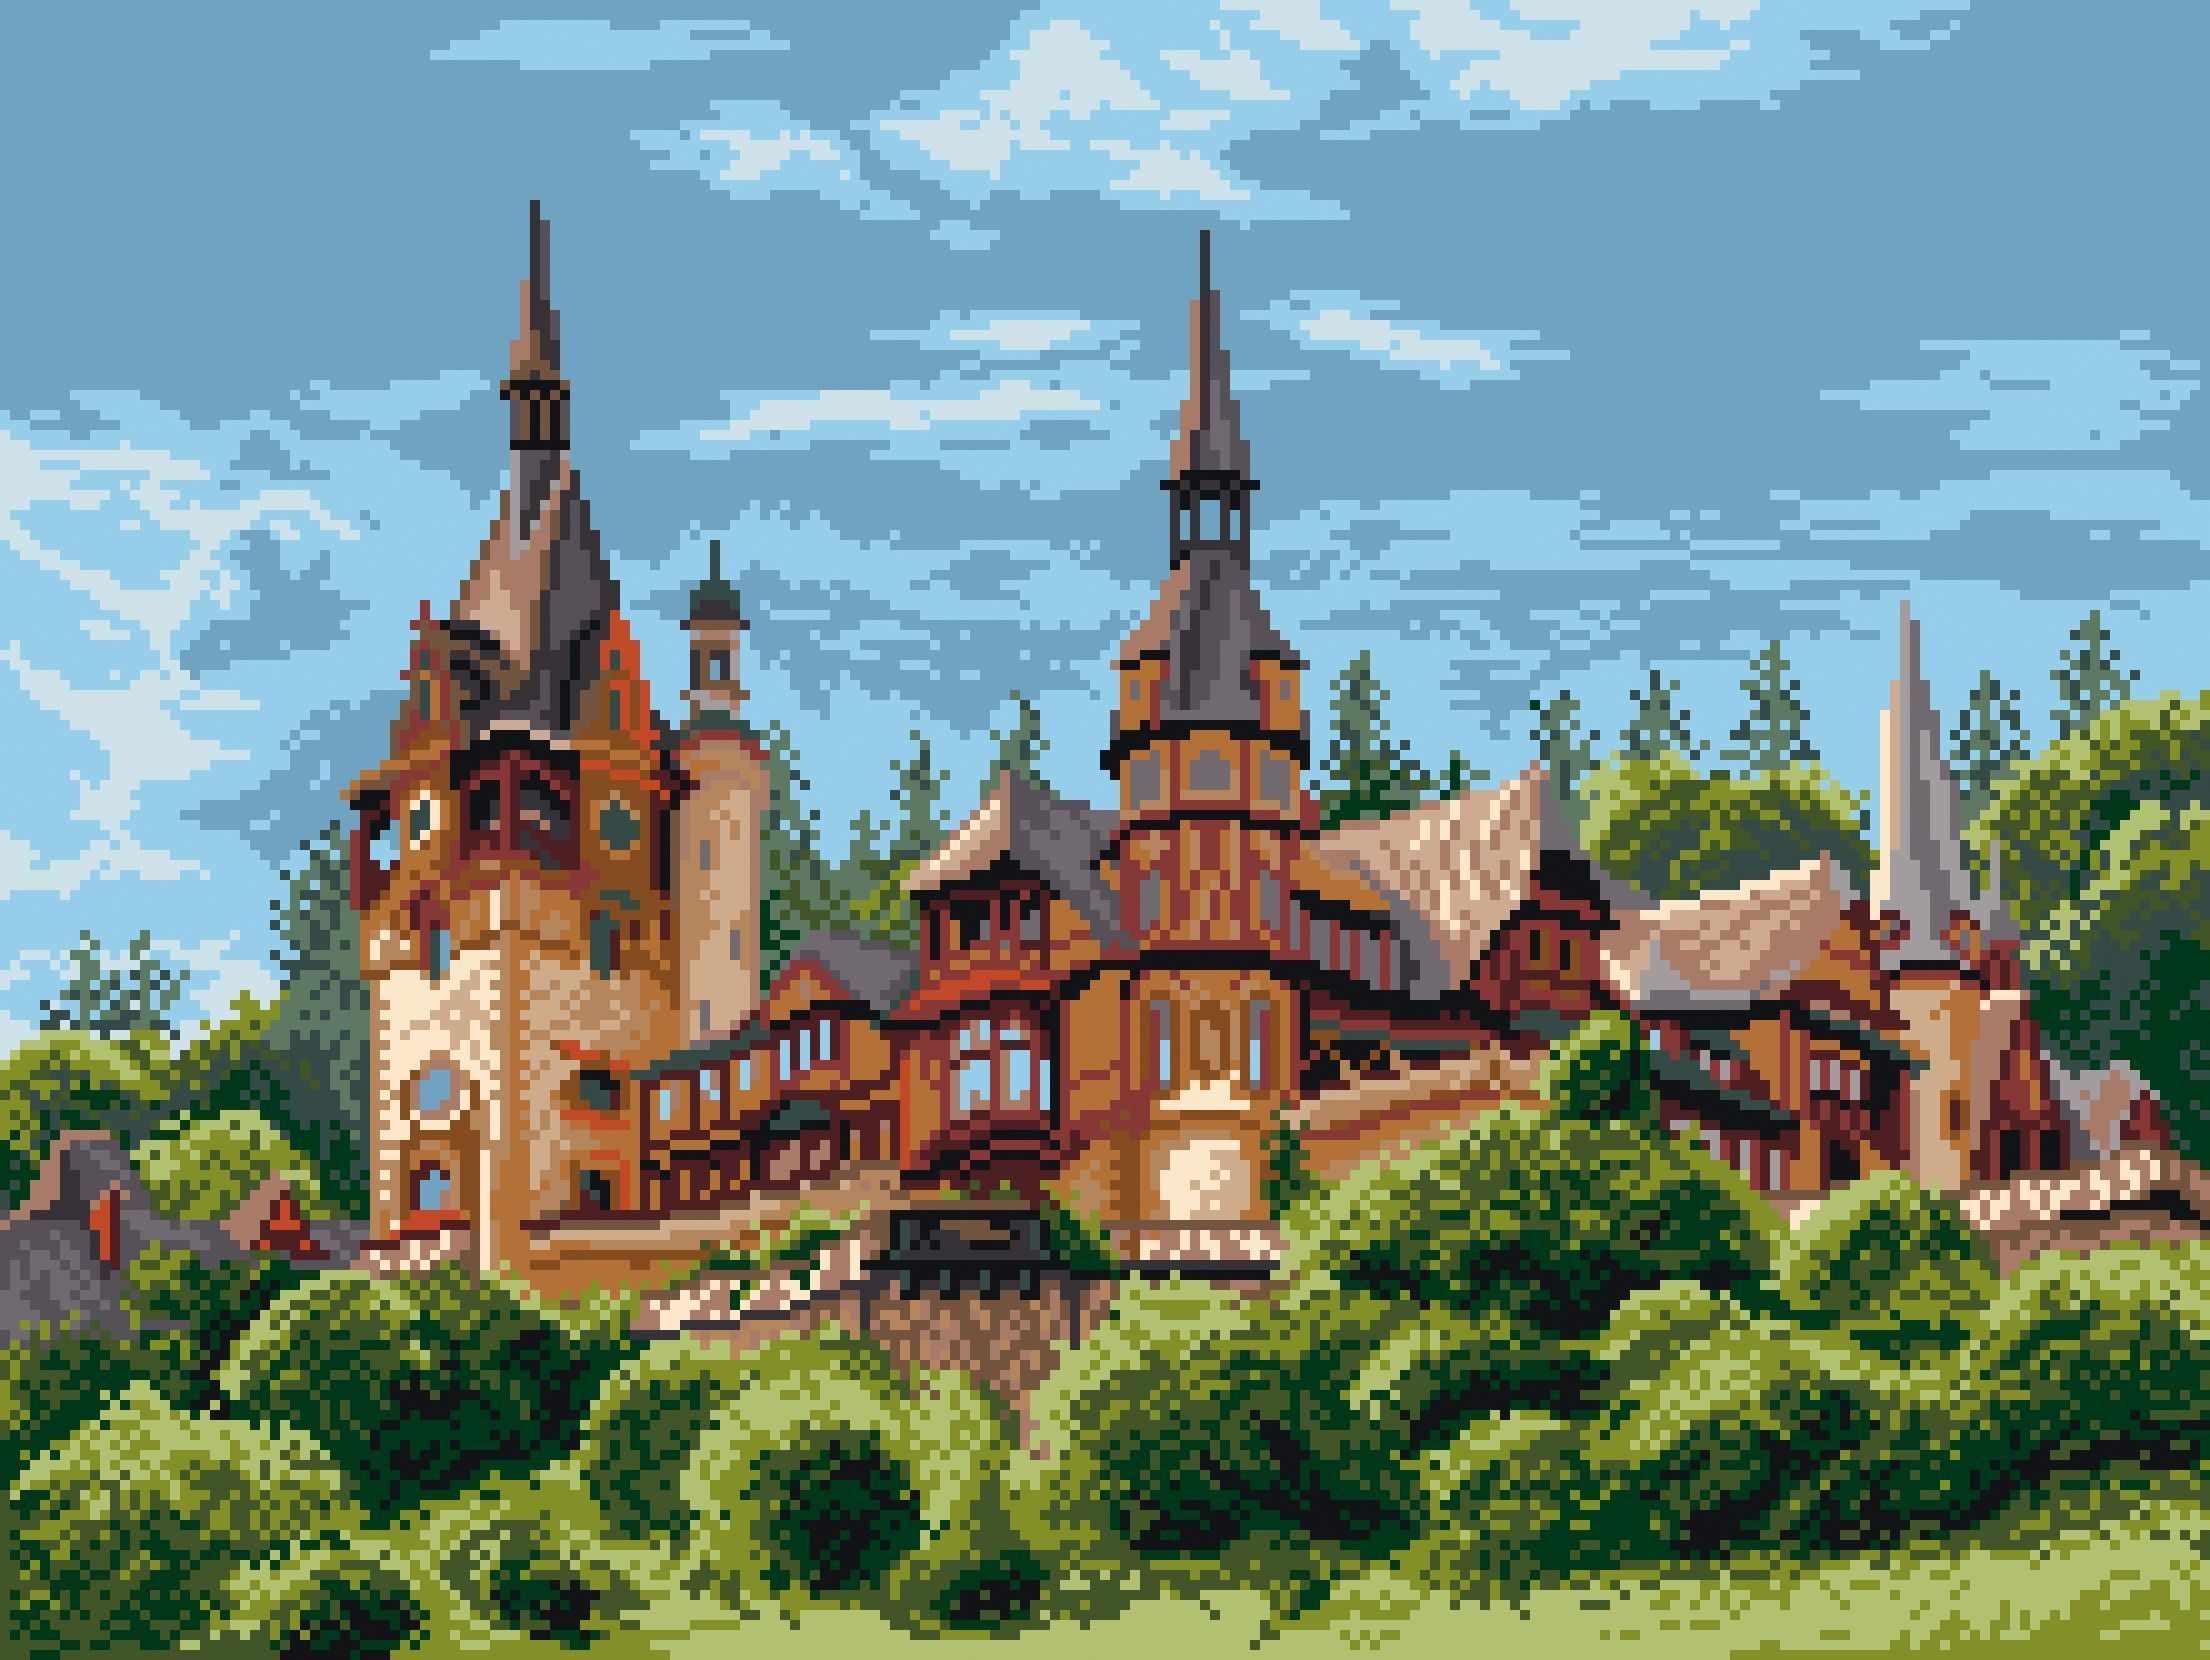 1899 Замок в Румынии  - рисунок на канве (МП)